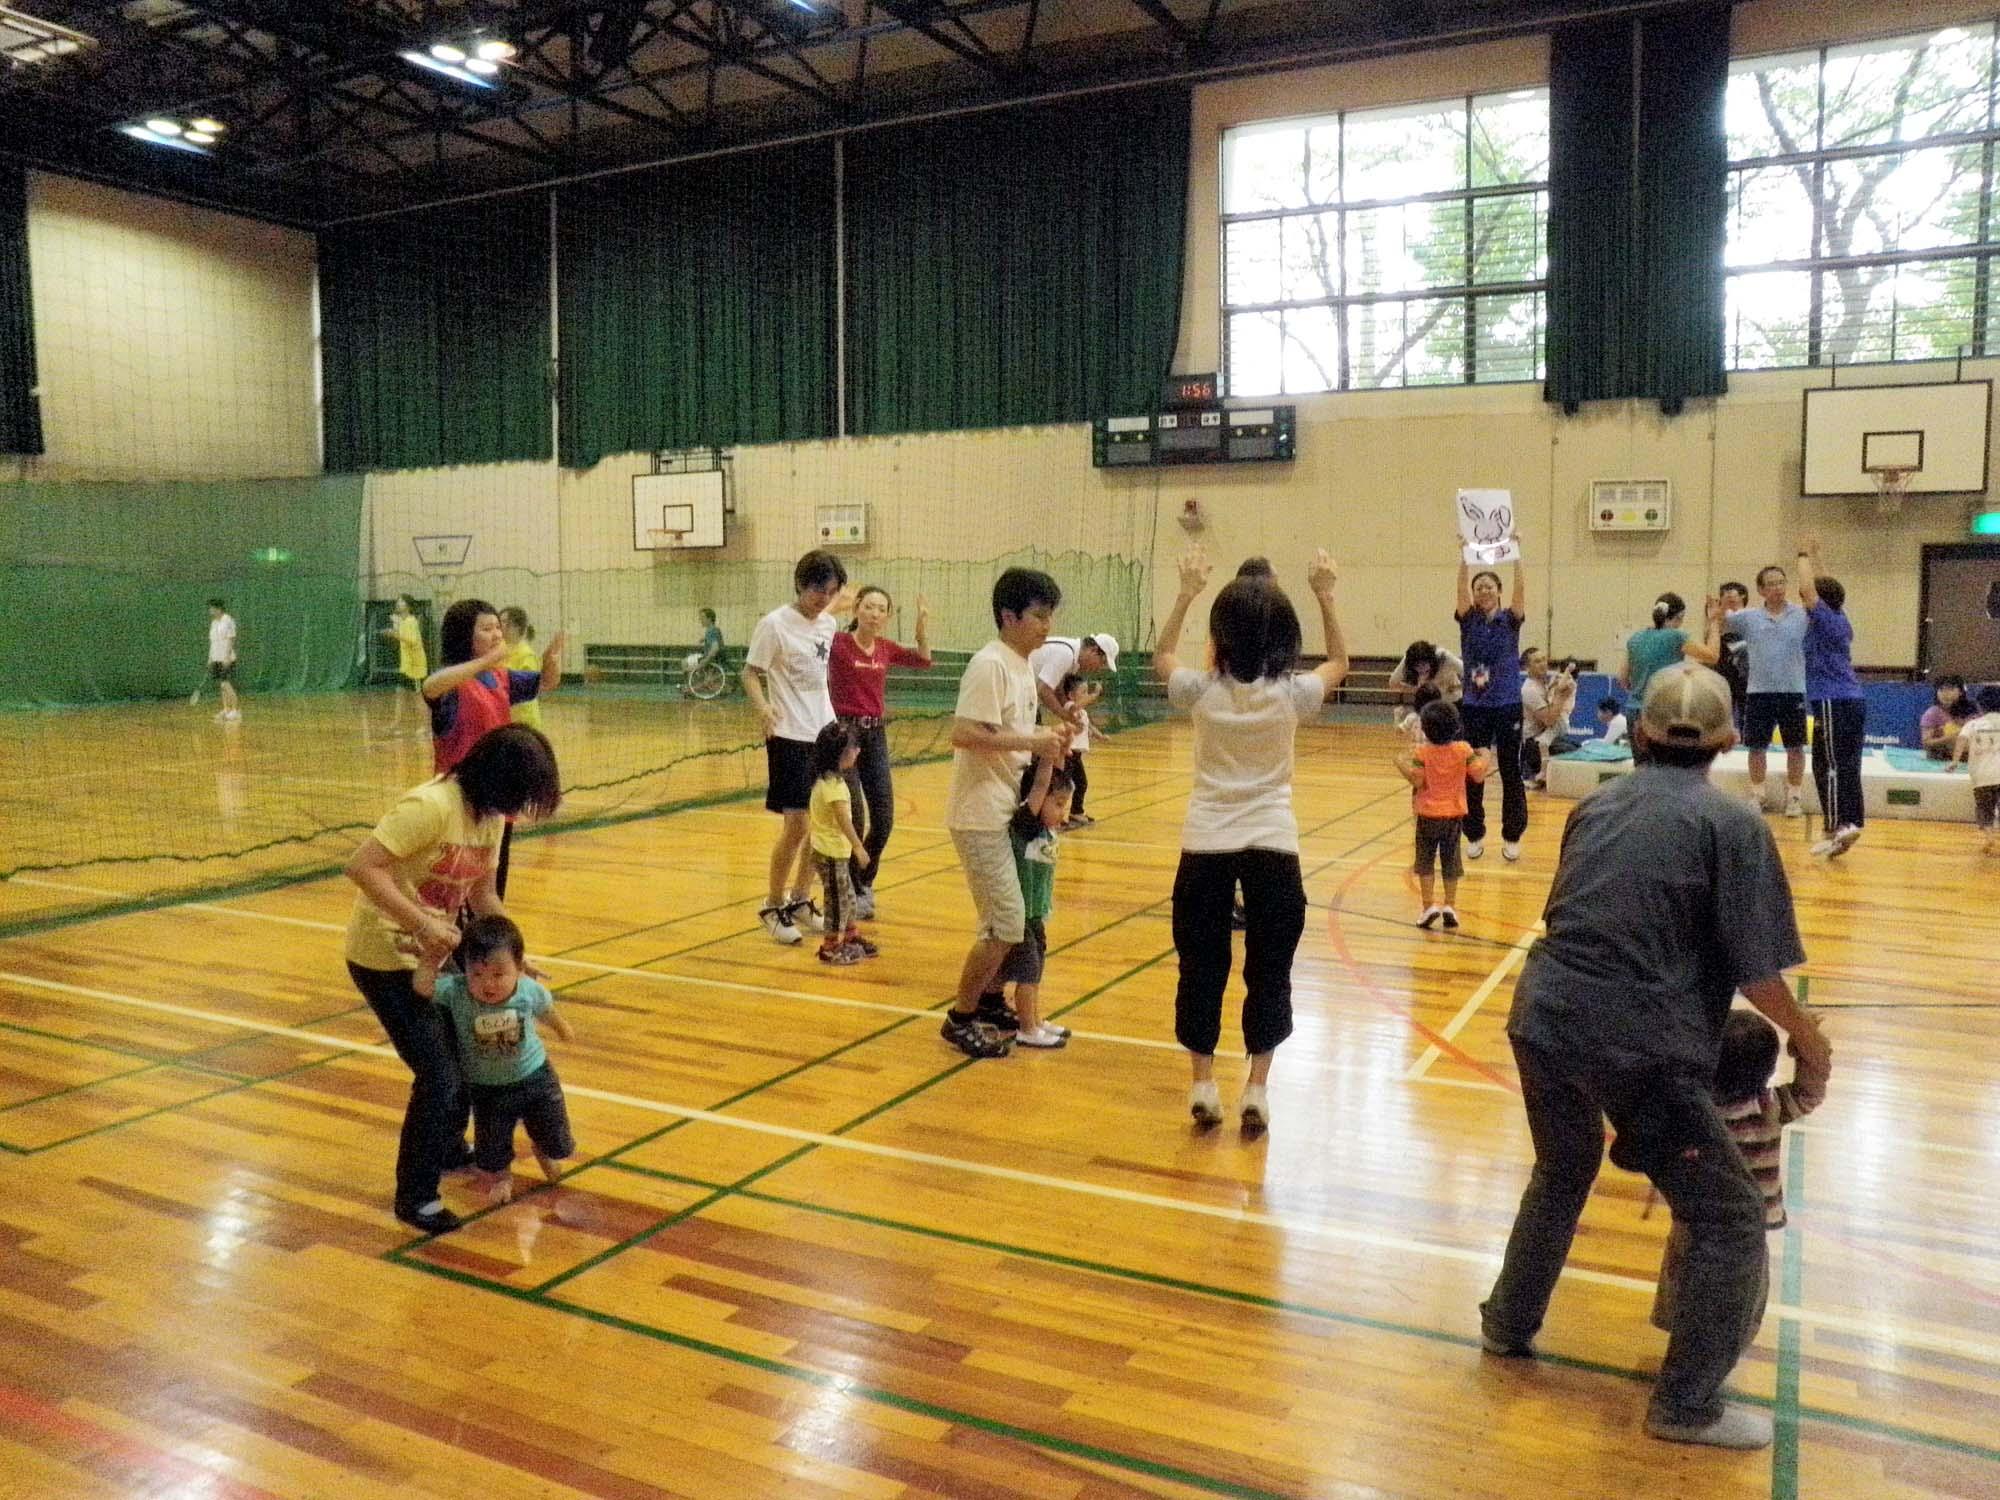 P9270278 - 親子で楽しむキッズ体操クラブ教室より ・・・親子でリズム体操を楽しんでいます。